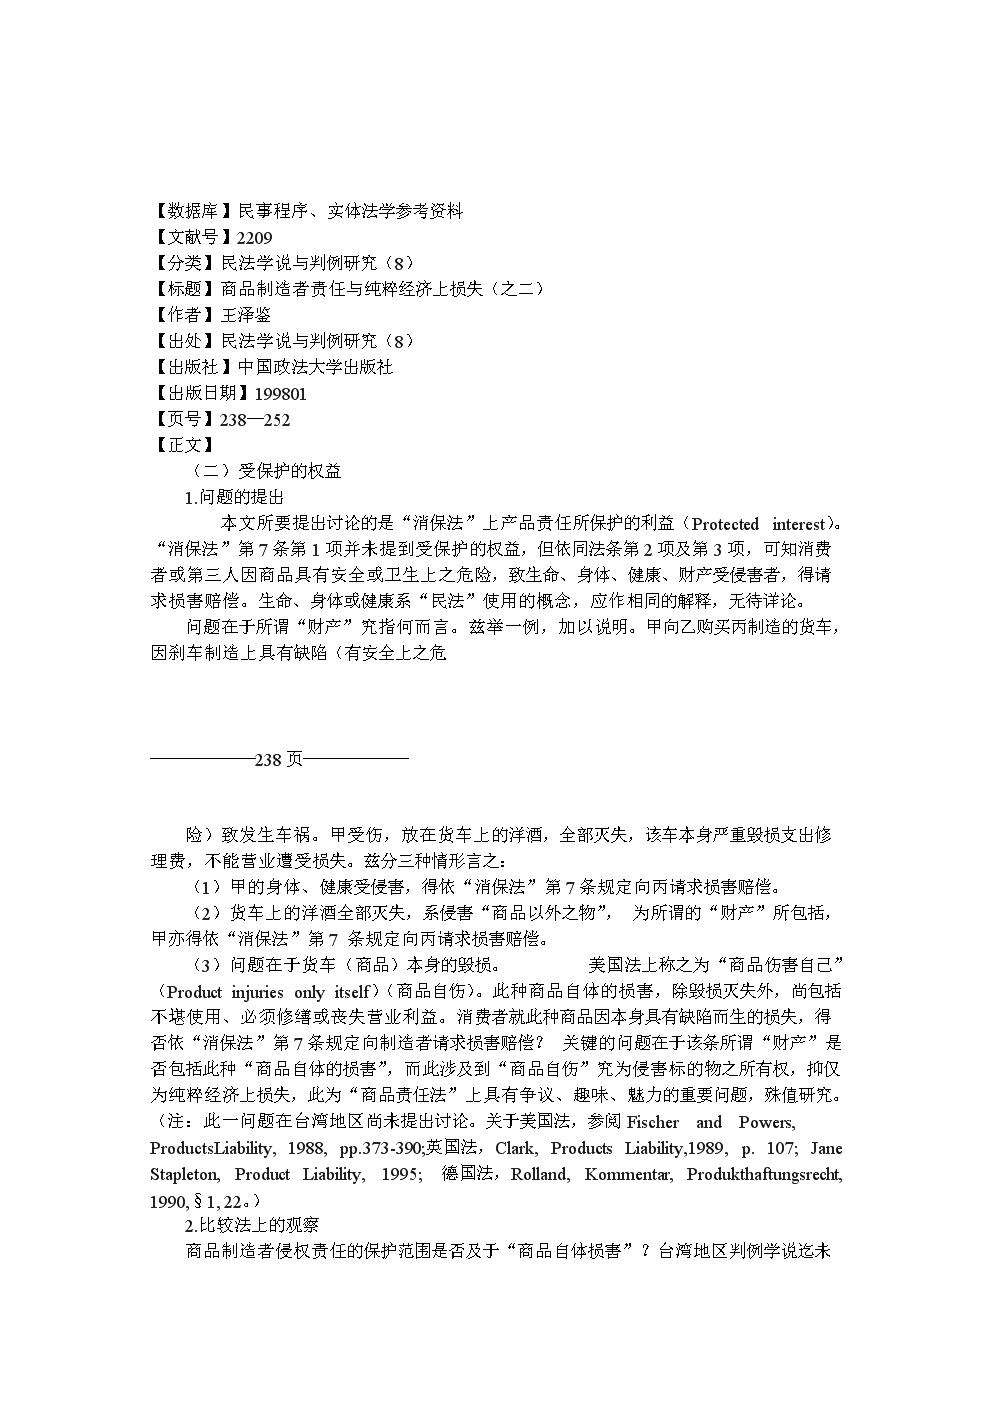 238-252 商品制造者之责任.doc